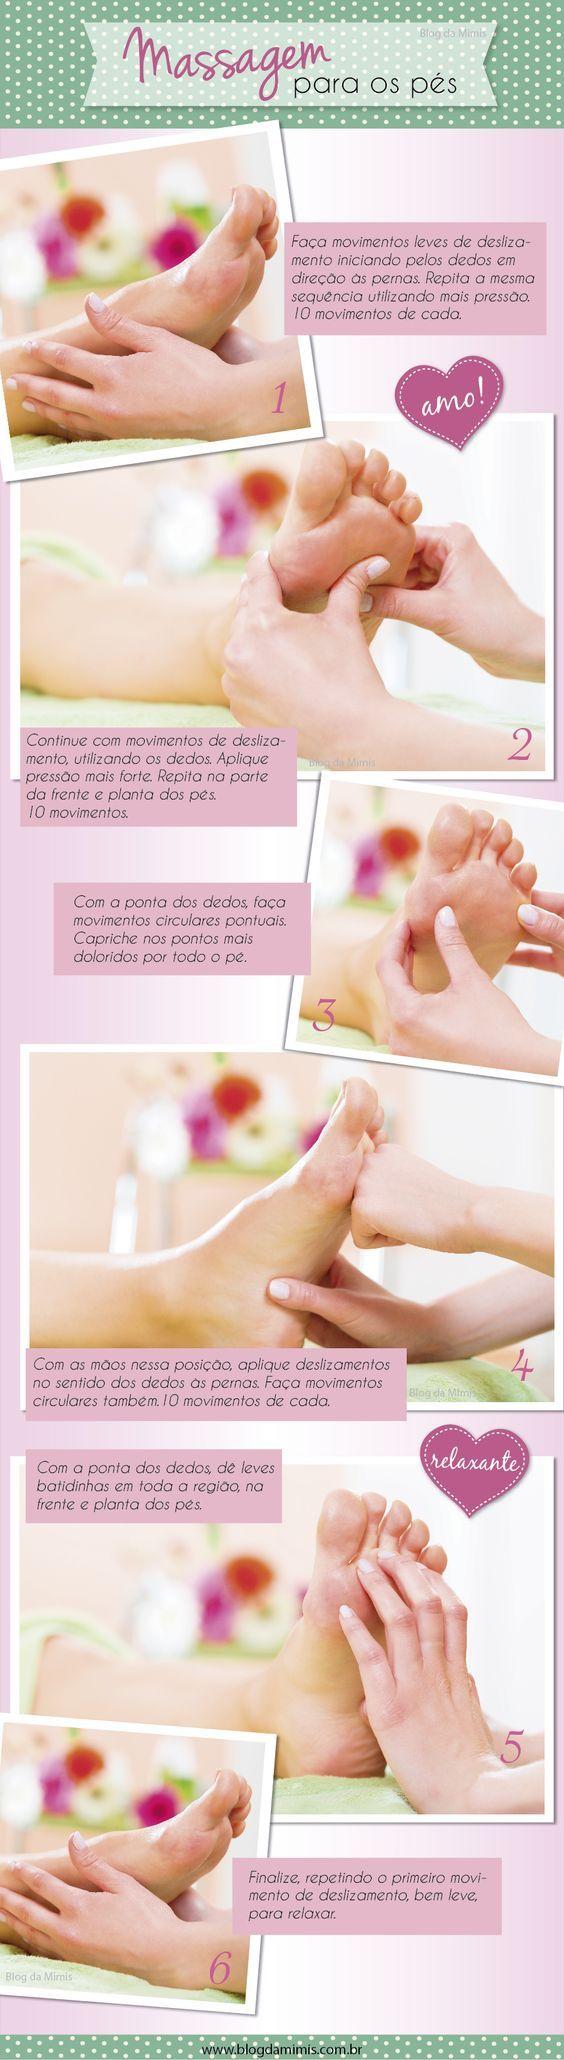 massagem-pés-blog-da-mimis-michelle-franzoni-01: